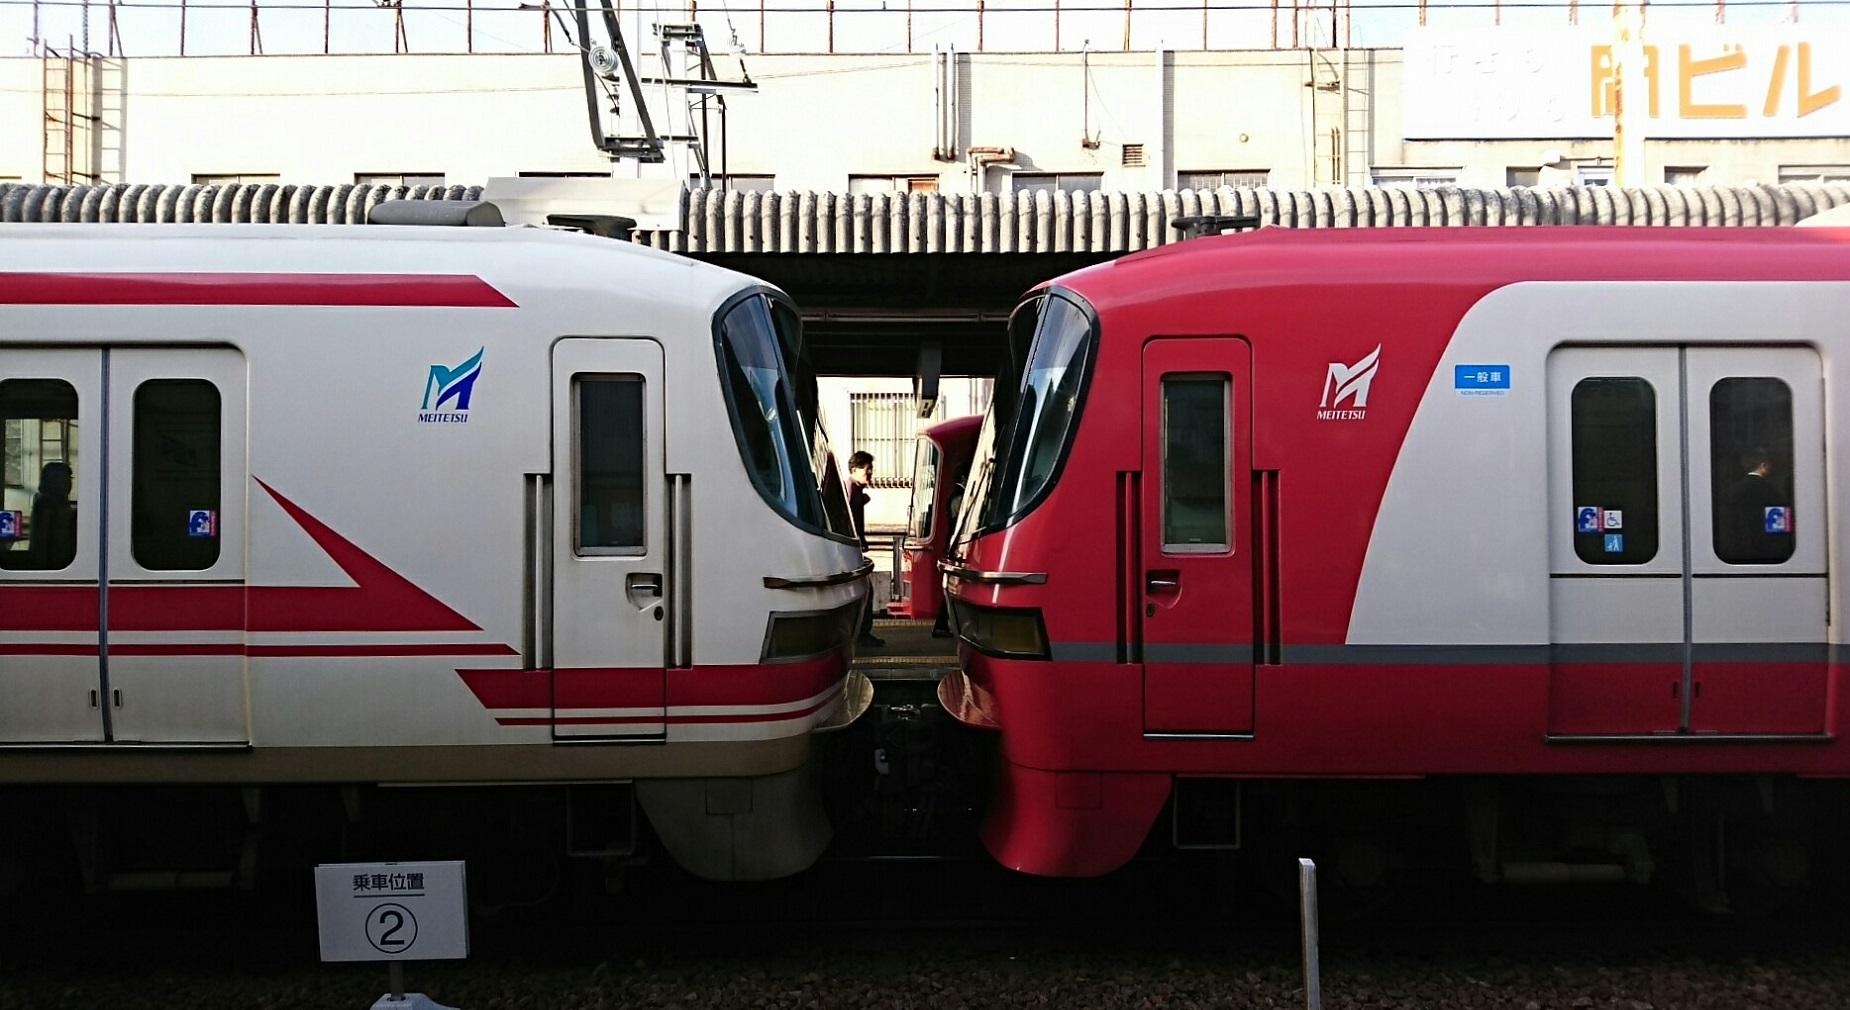 2018.3.23 東海道線 (73) 東岡崎 - 豊橋いき快速特急 1850-1010